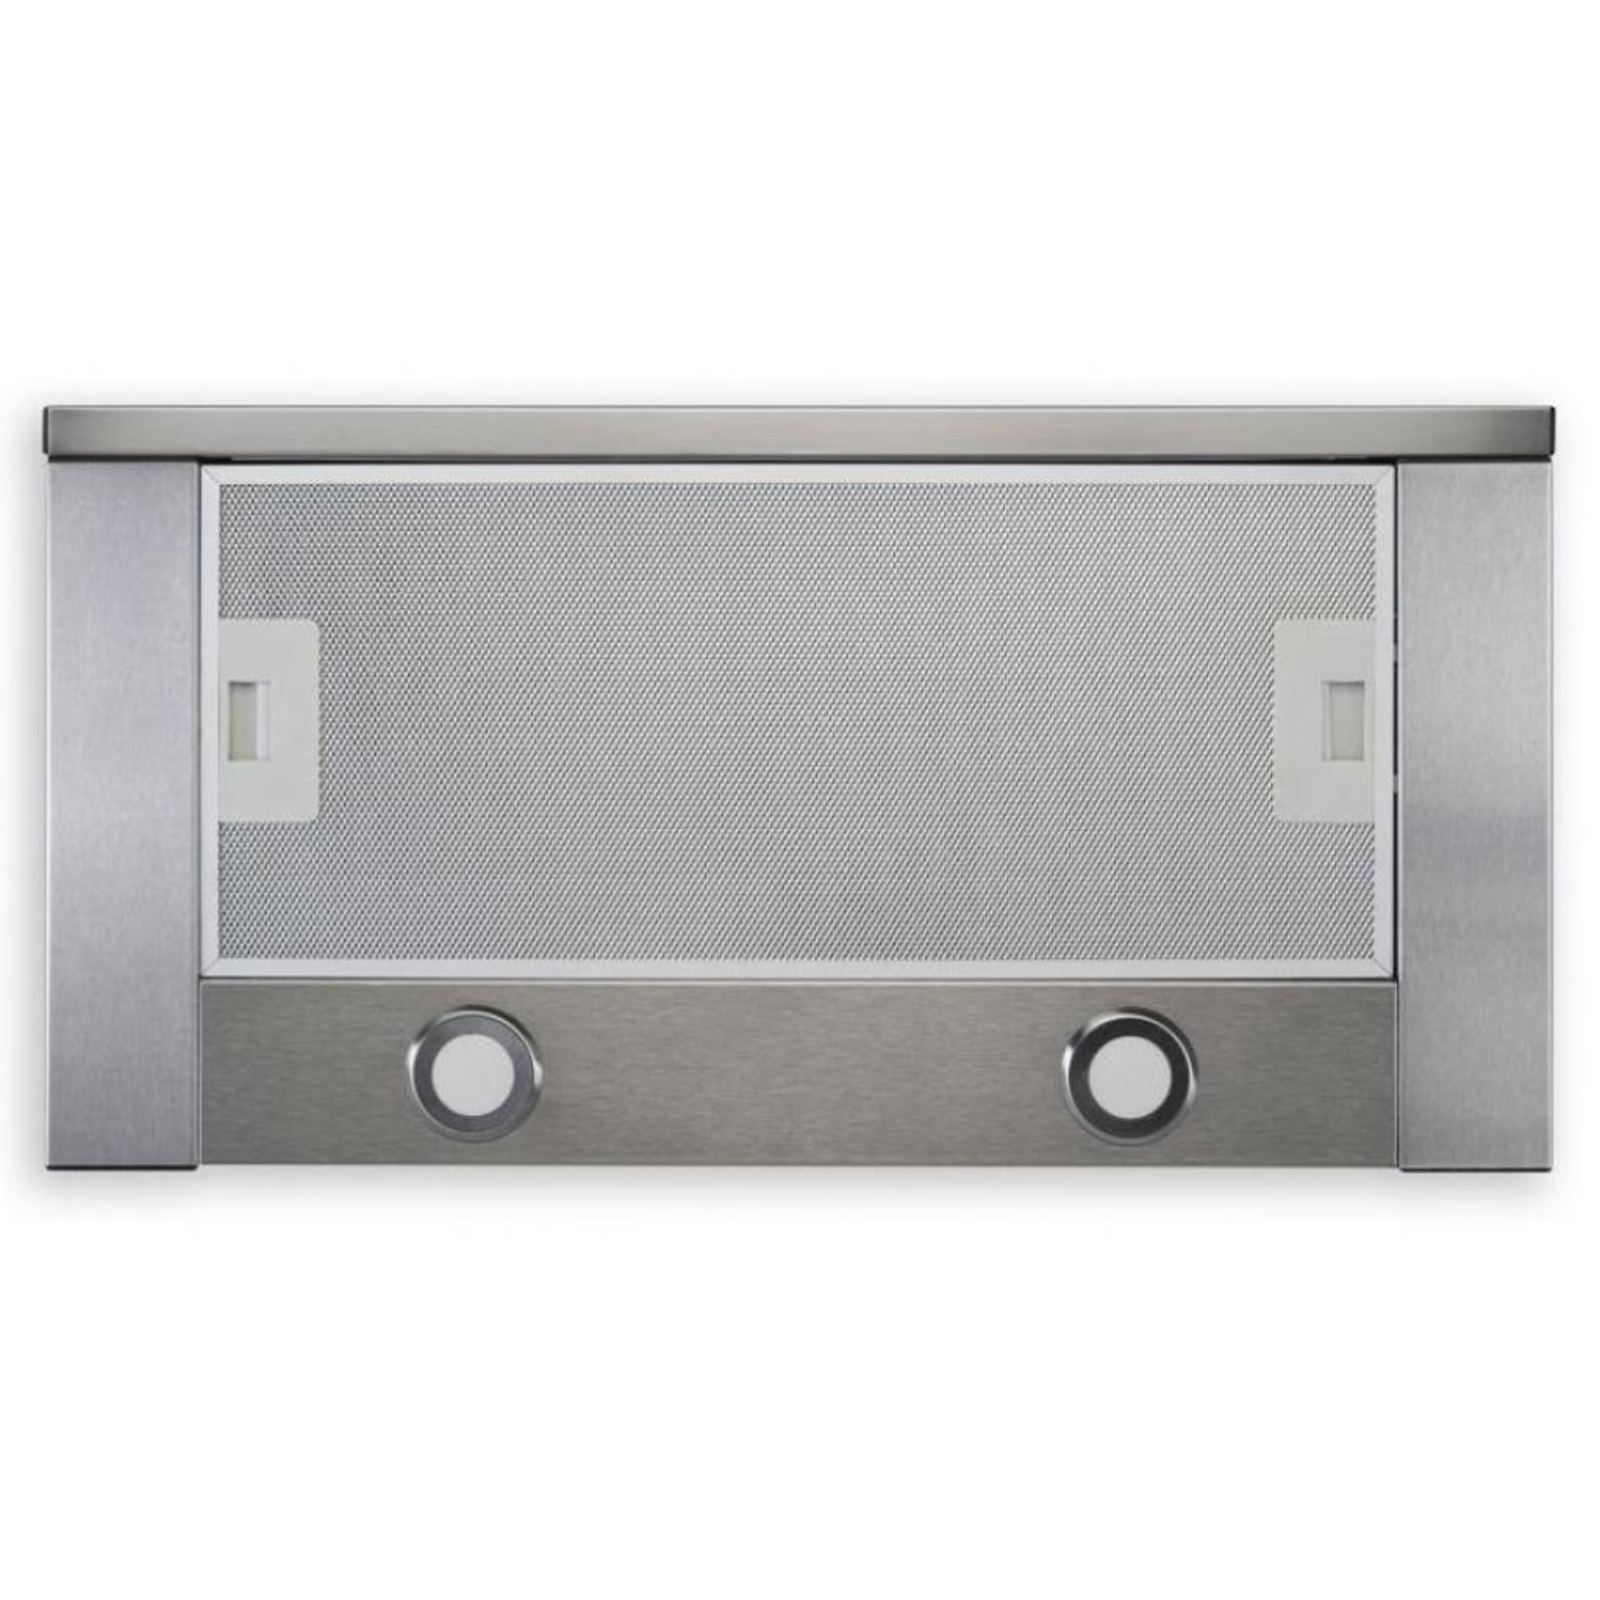 Вытяжка кухонная MINOLA HTL 6012 FULL INOX 450 LED изображение 3